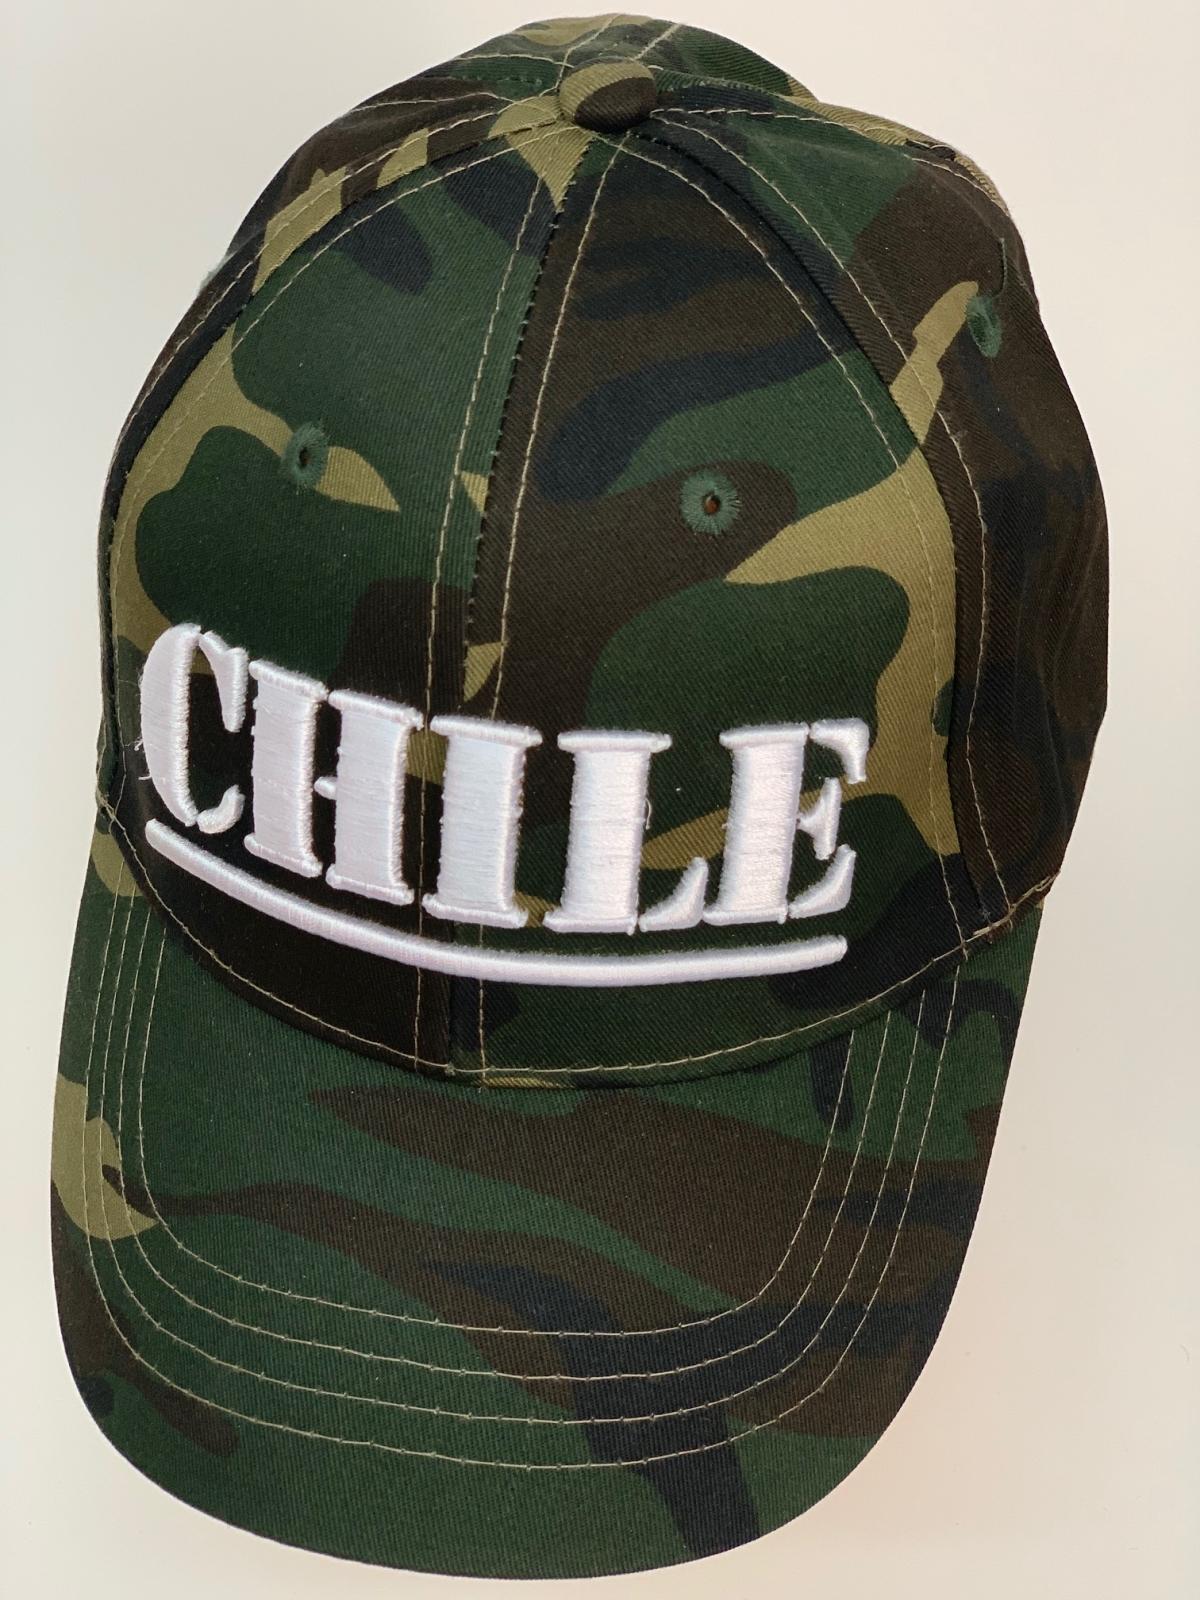 Бейсболка Chile из камуфлированной ткани